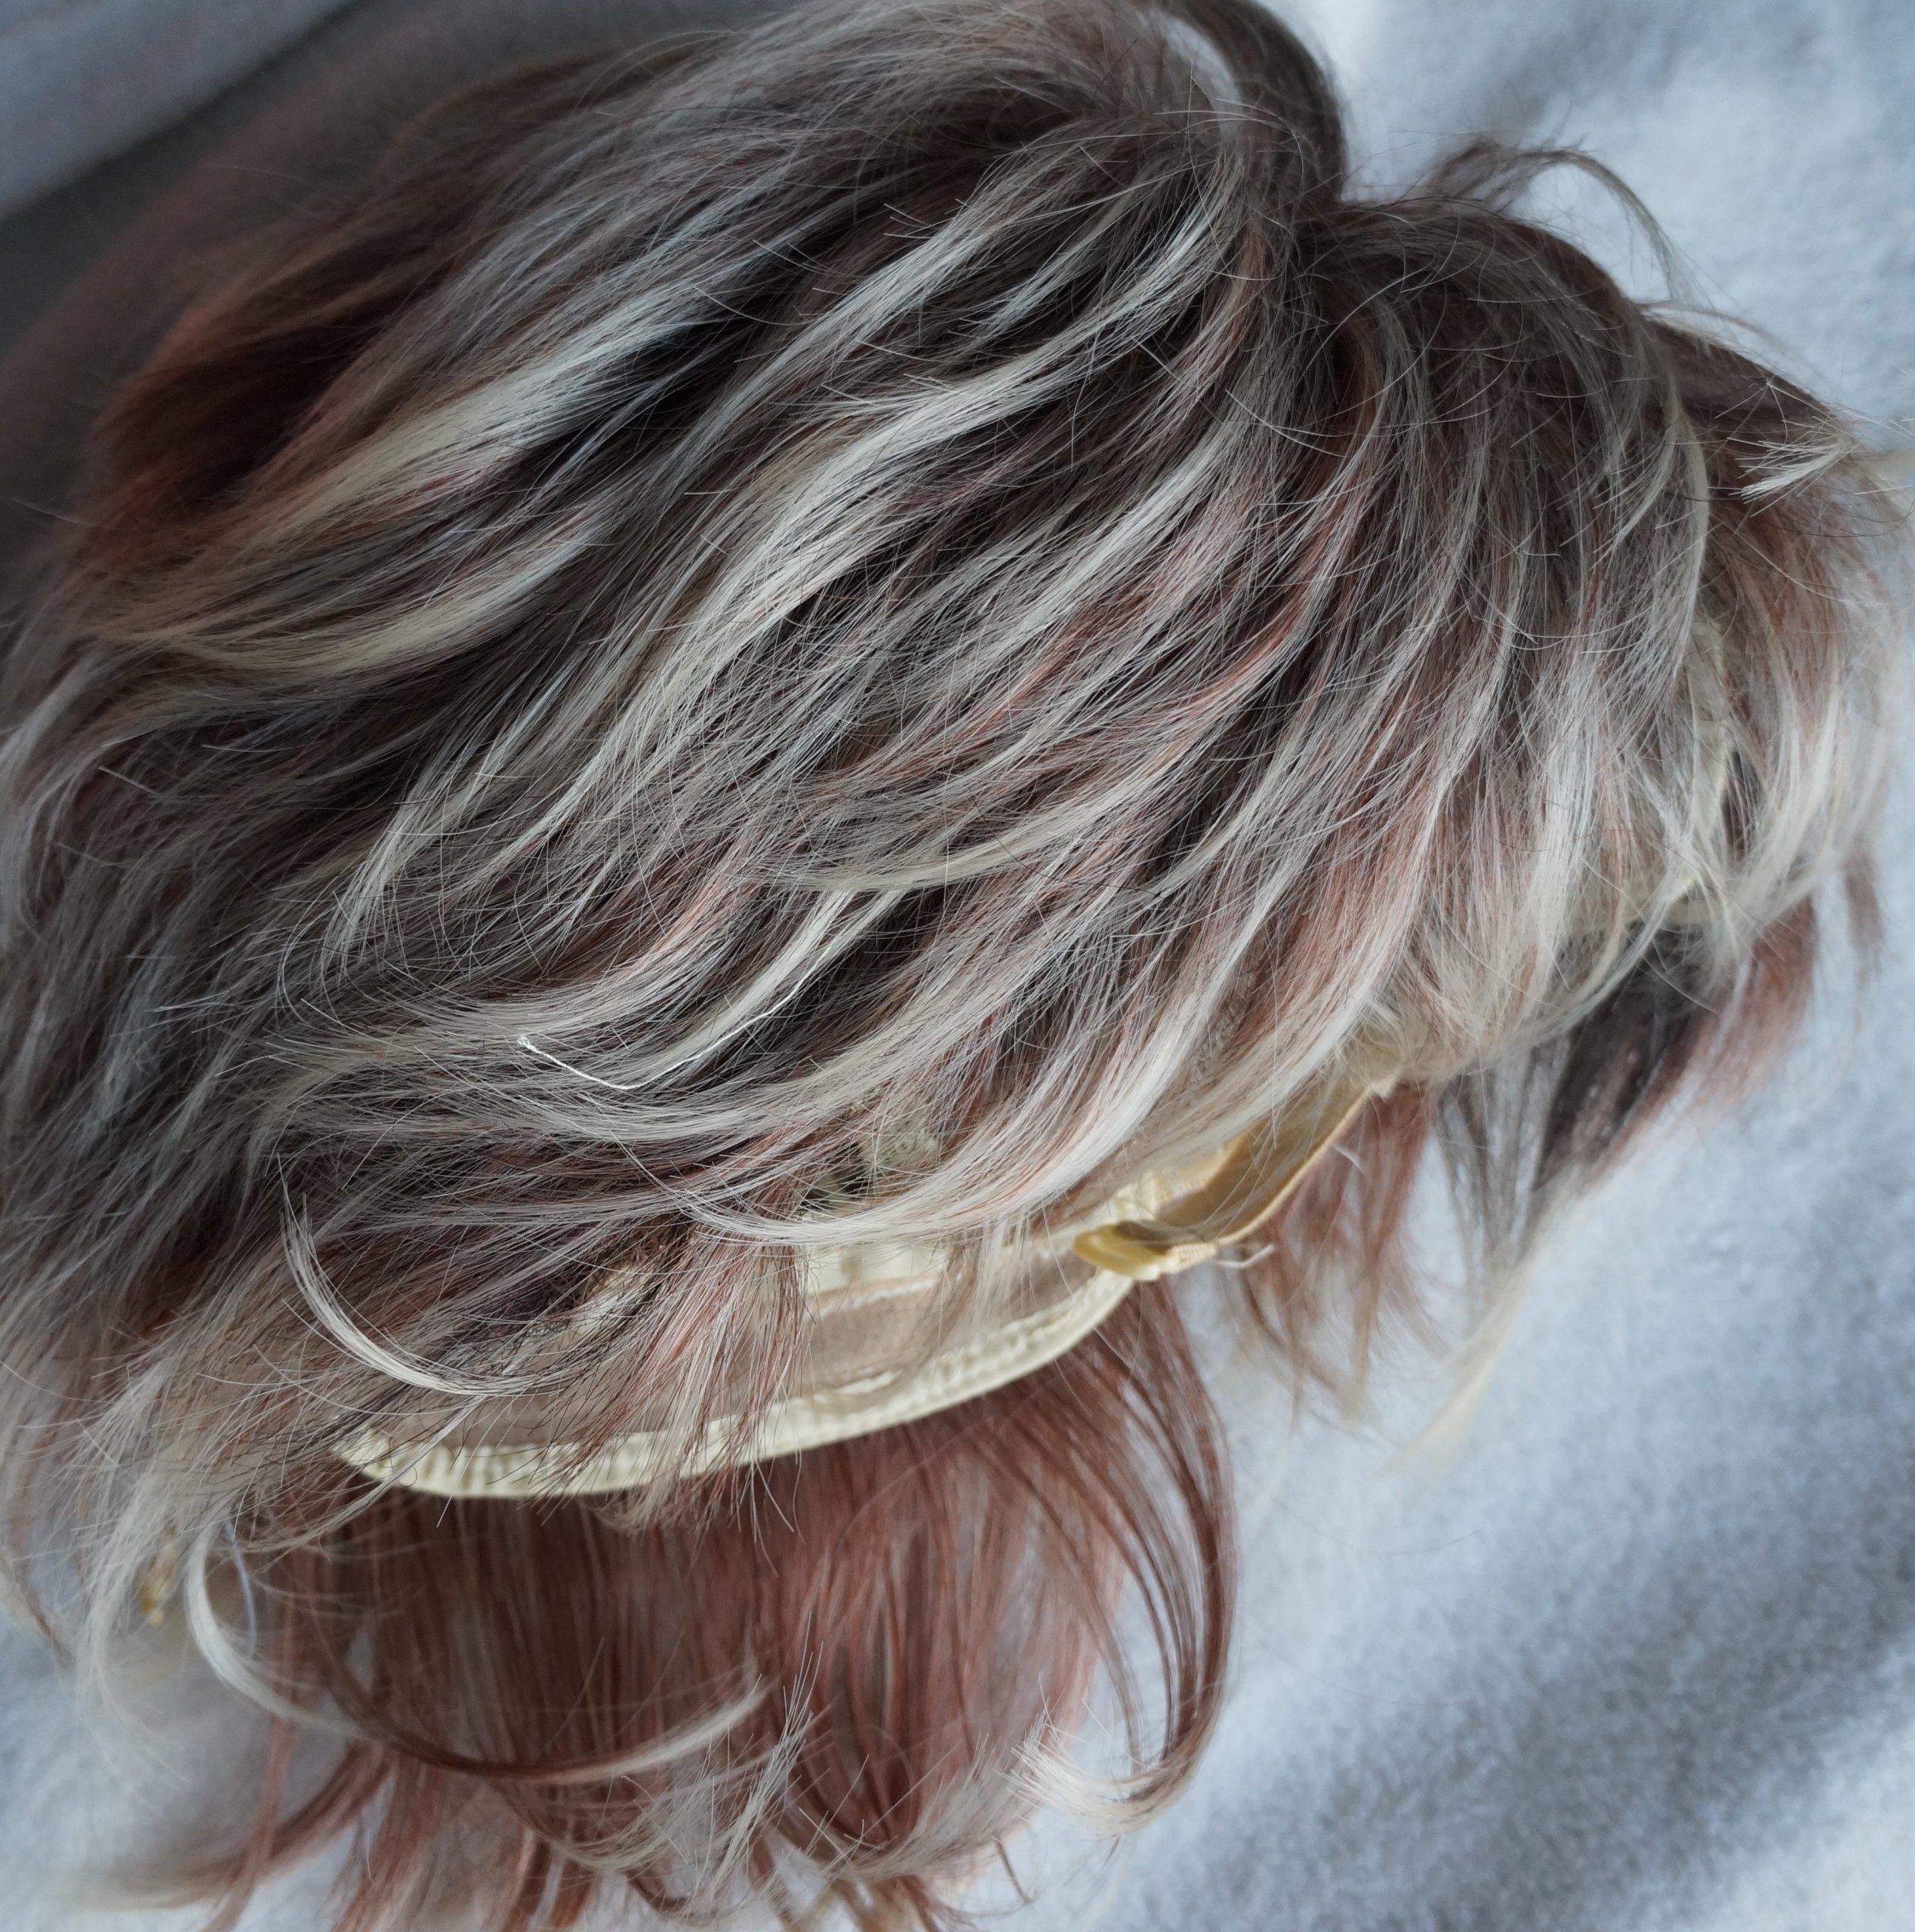 Peruka Włosy Blond Pasemka Krótka Fryzura 7248230865 Oficjalne